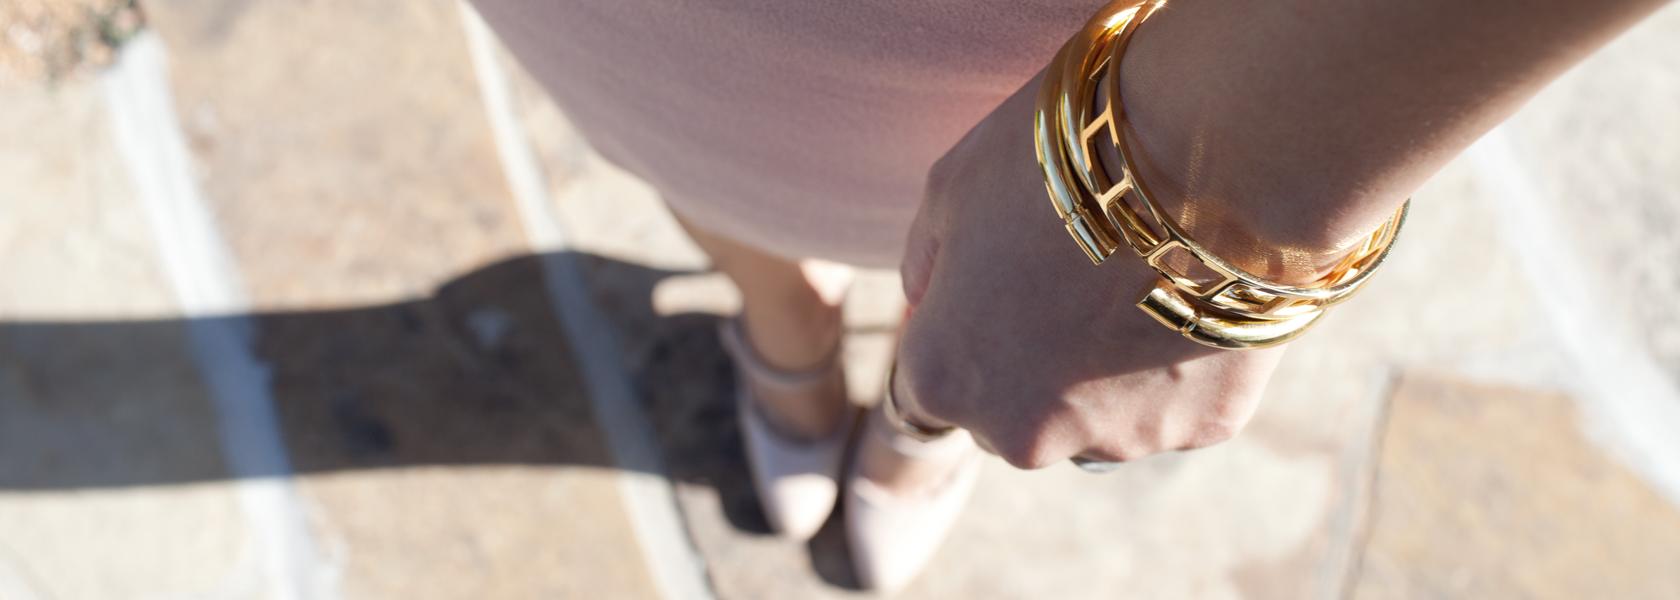 Rings, bracelets, necklaces, earrings